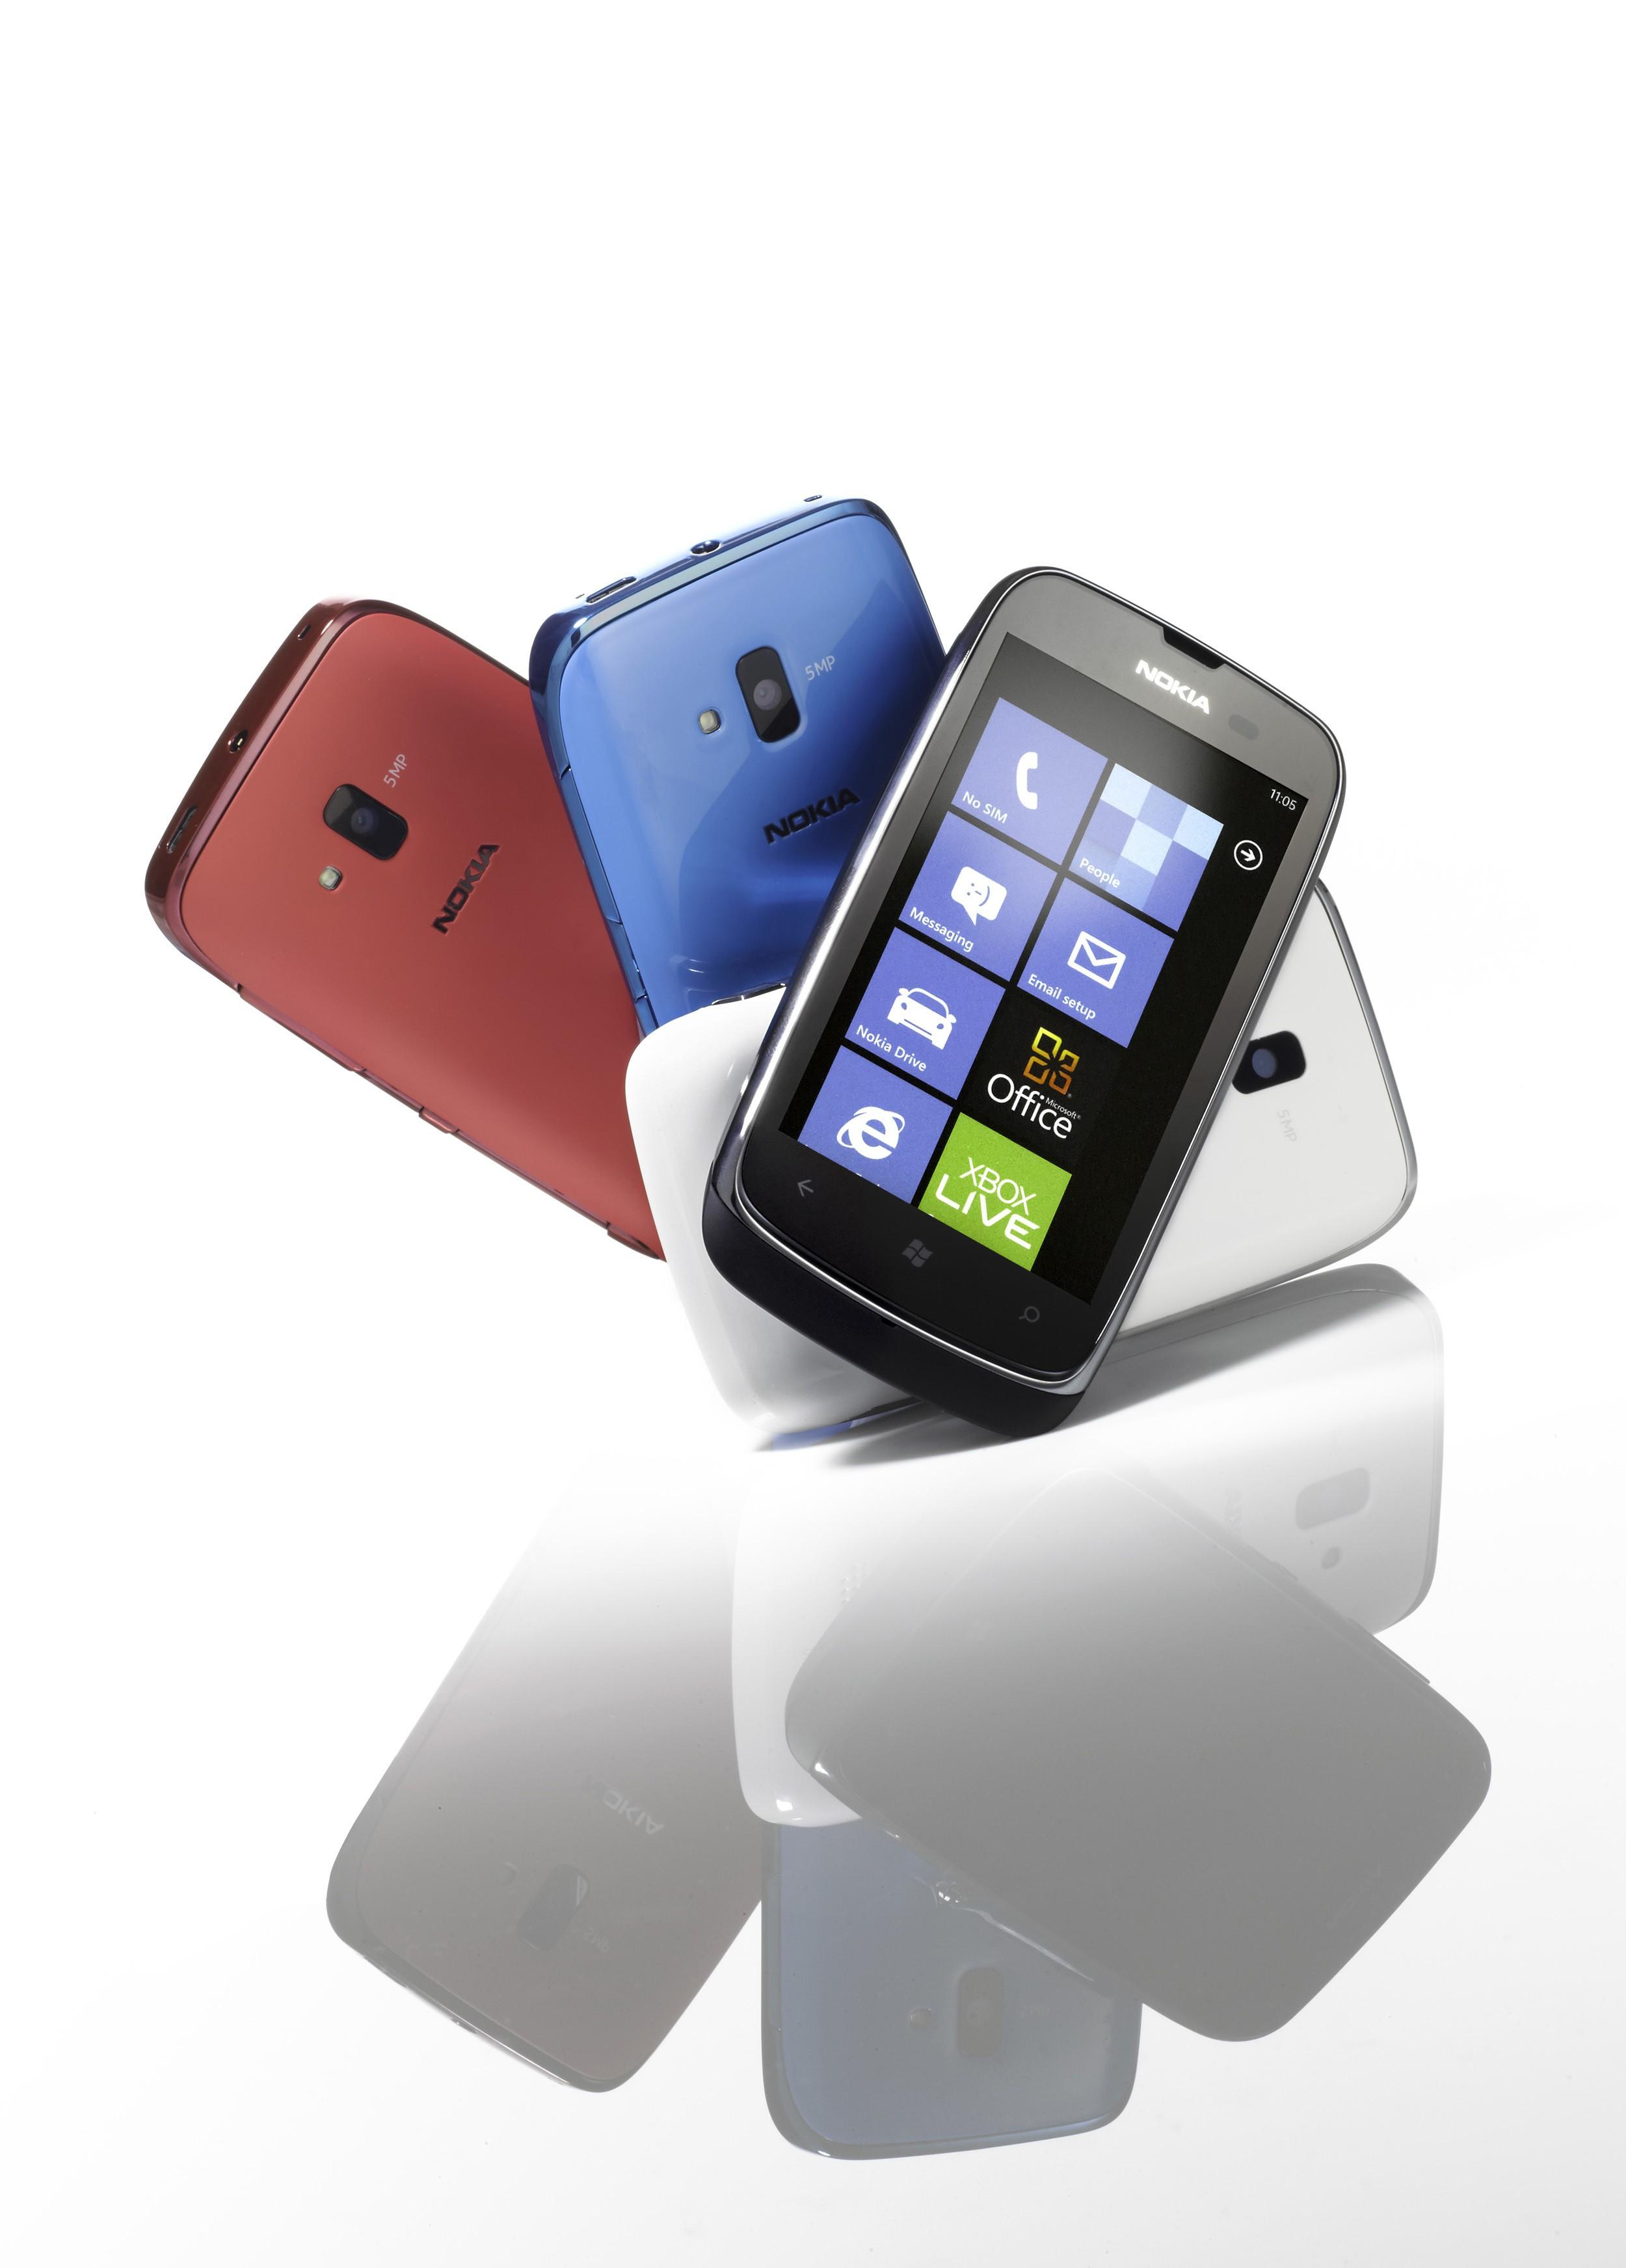 Découvrez le Nokia Lumia 610 en vidéo